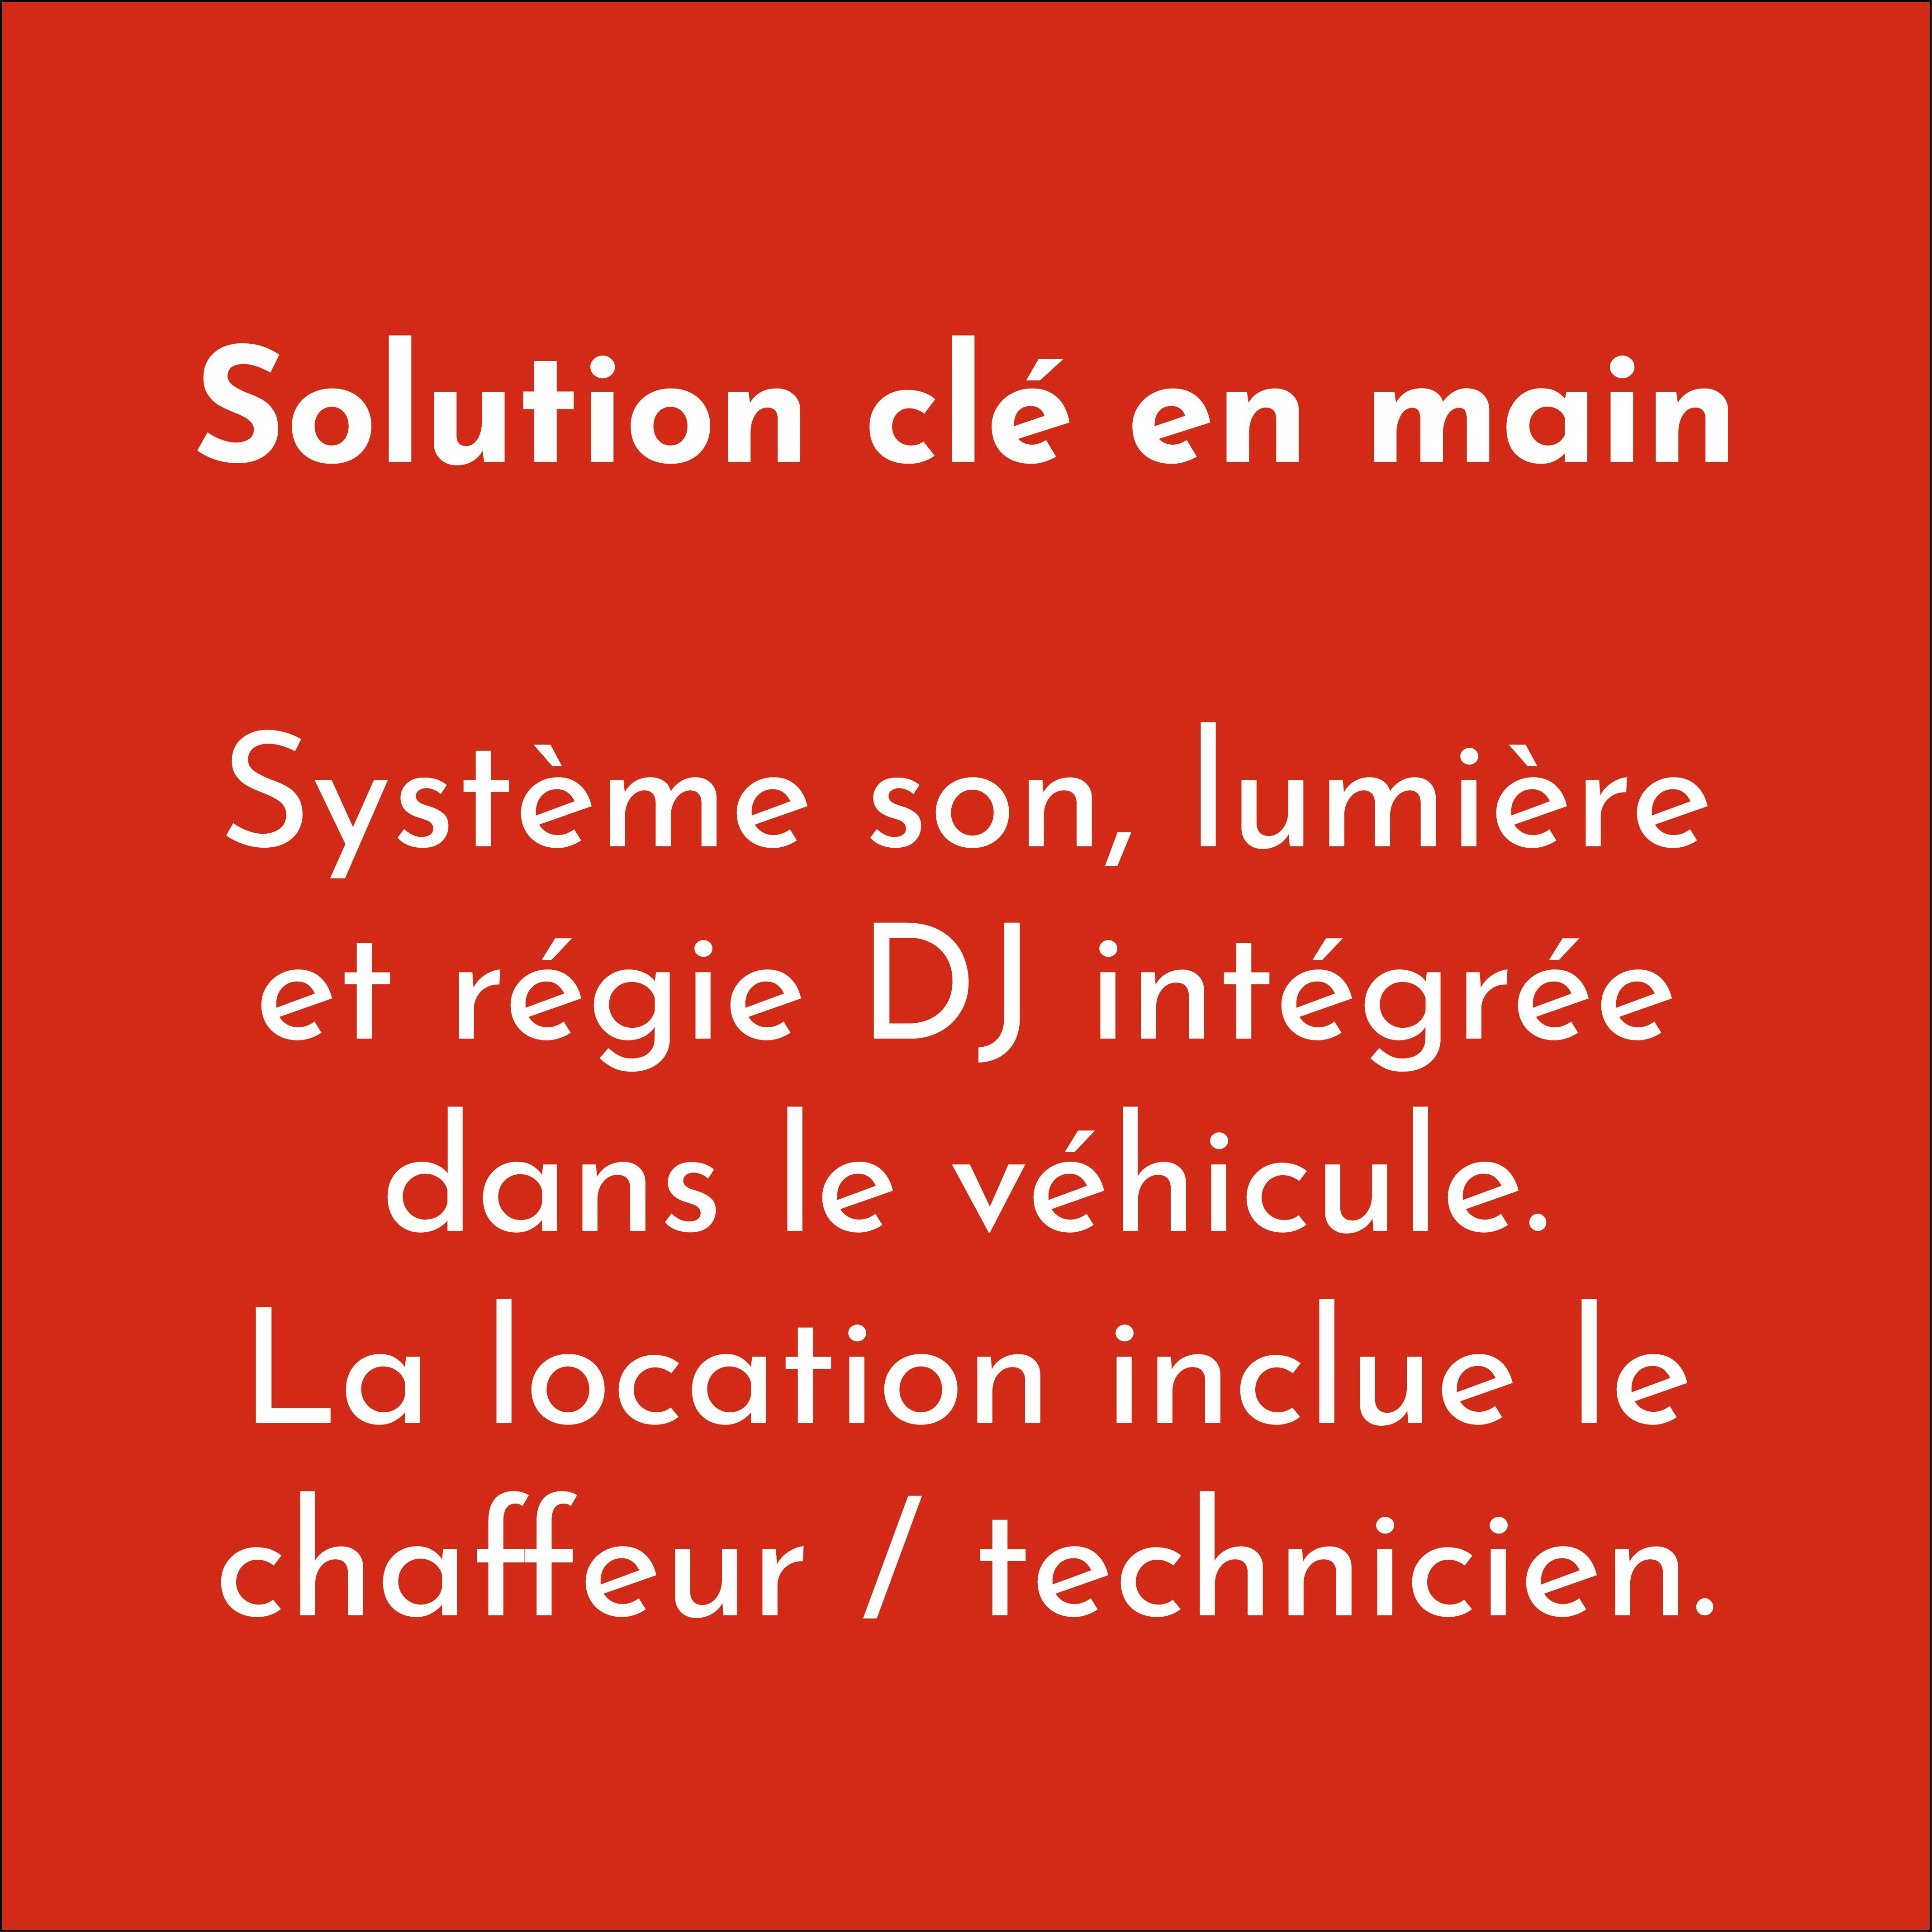 DJ Truck solution clé en main, système son, lumière et régie DJ intégré dans le véhicule. La Location inclut le chauffeur, technicien.